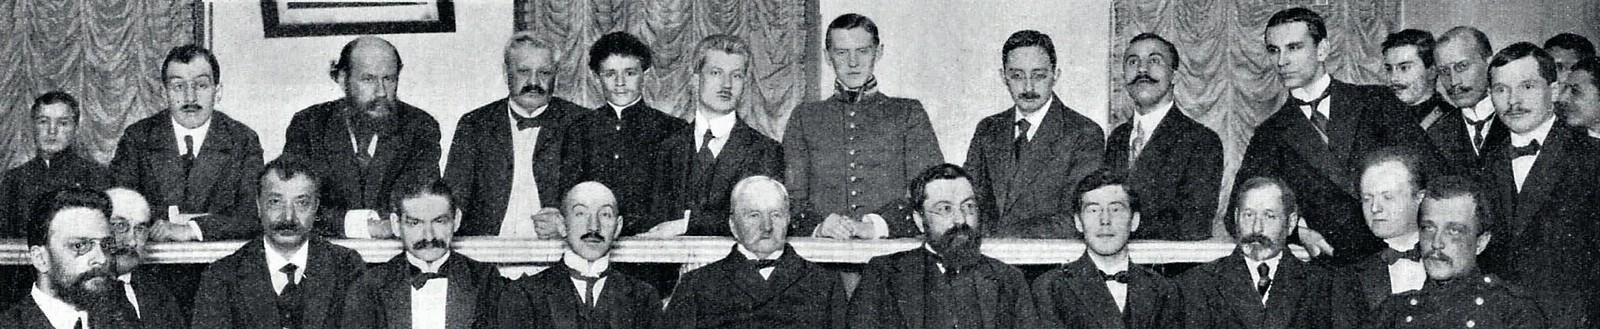 1914. Участники всероссийского шахматного турнира мастеров